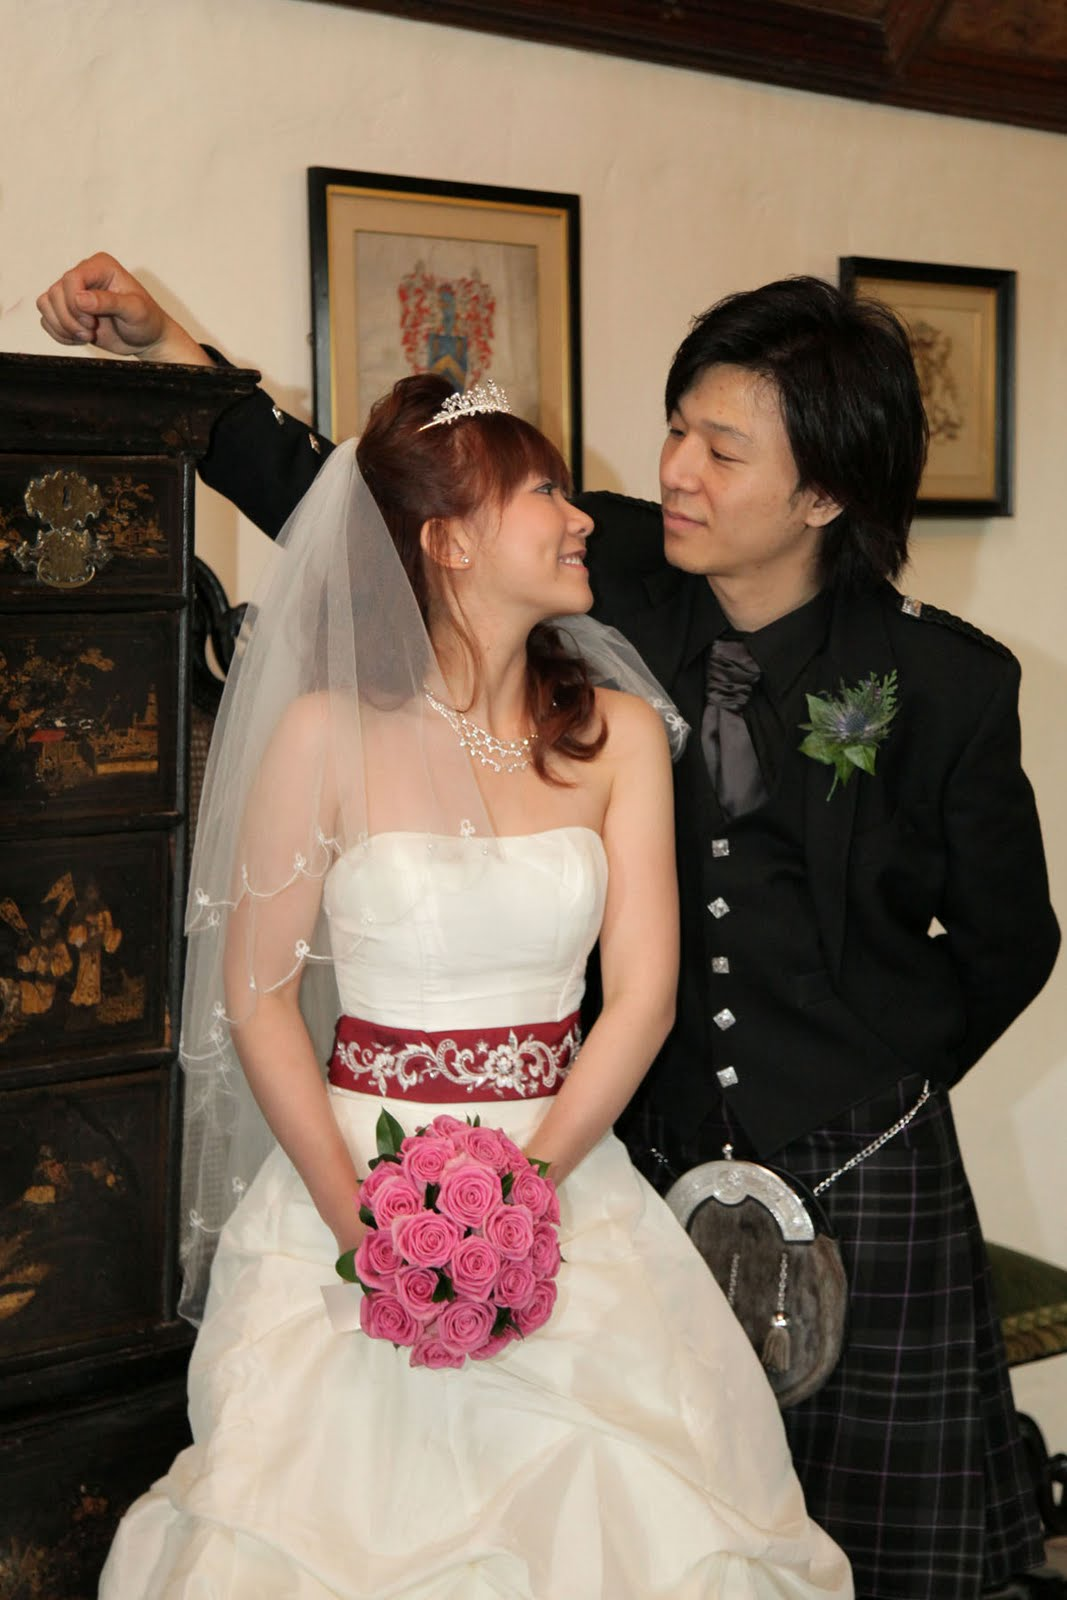 janie barclay photographyjanie barclay wedding photography